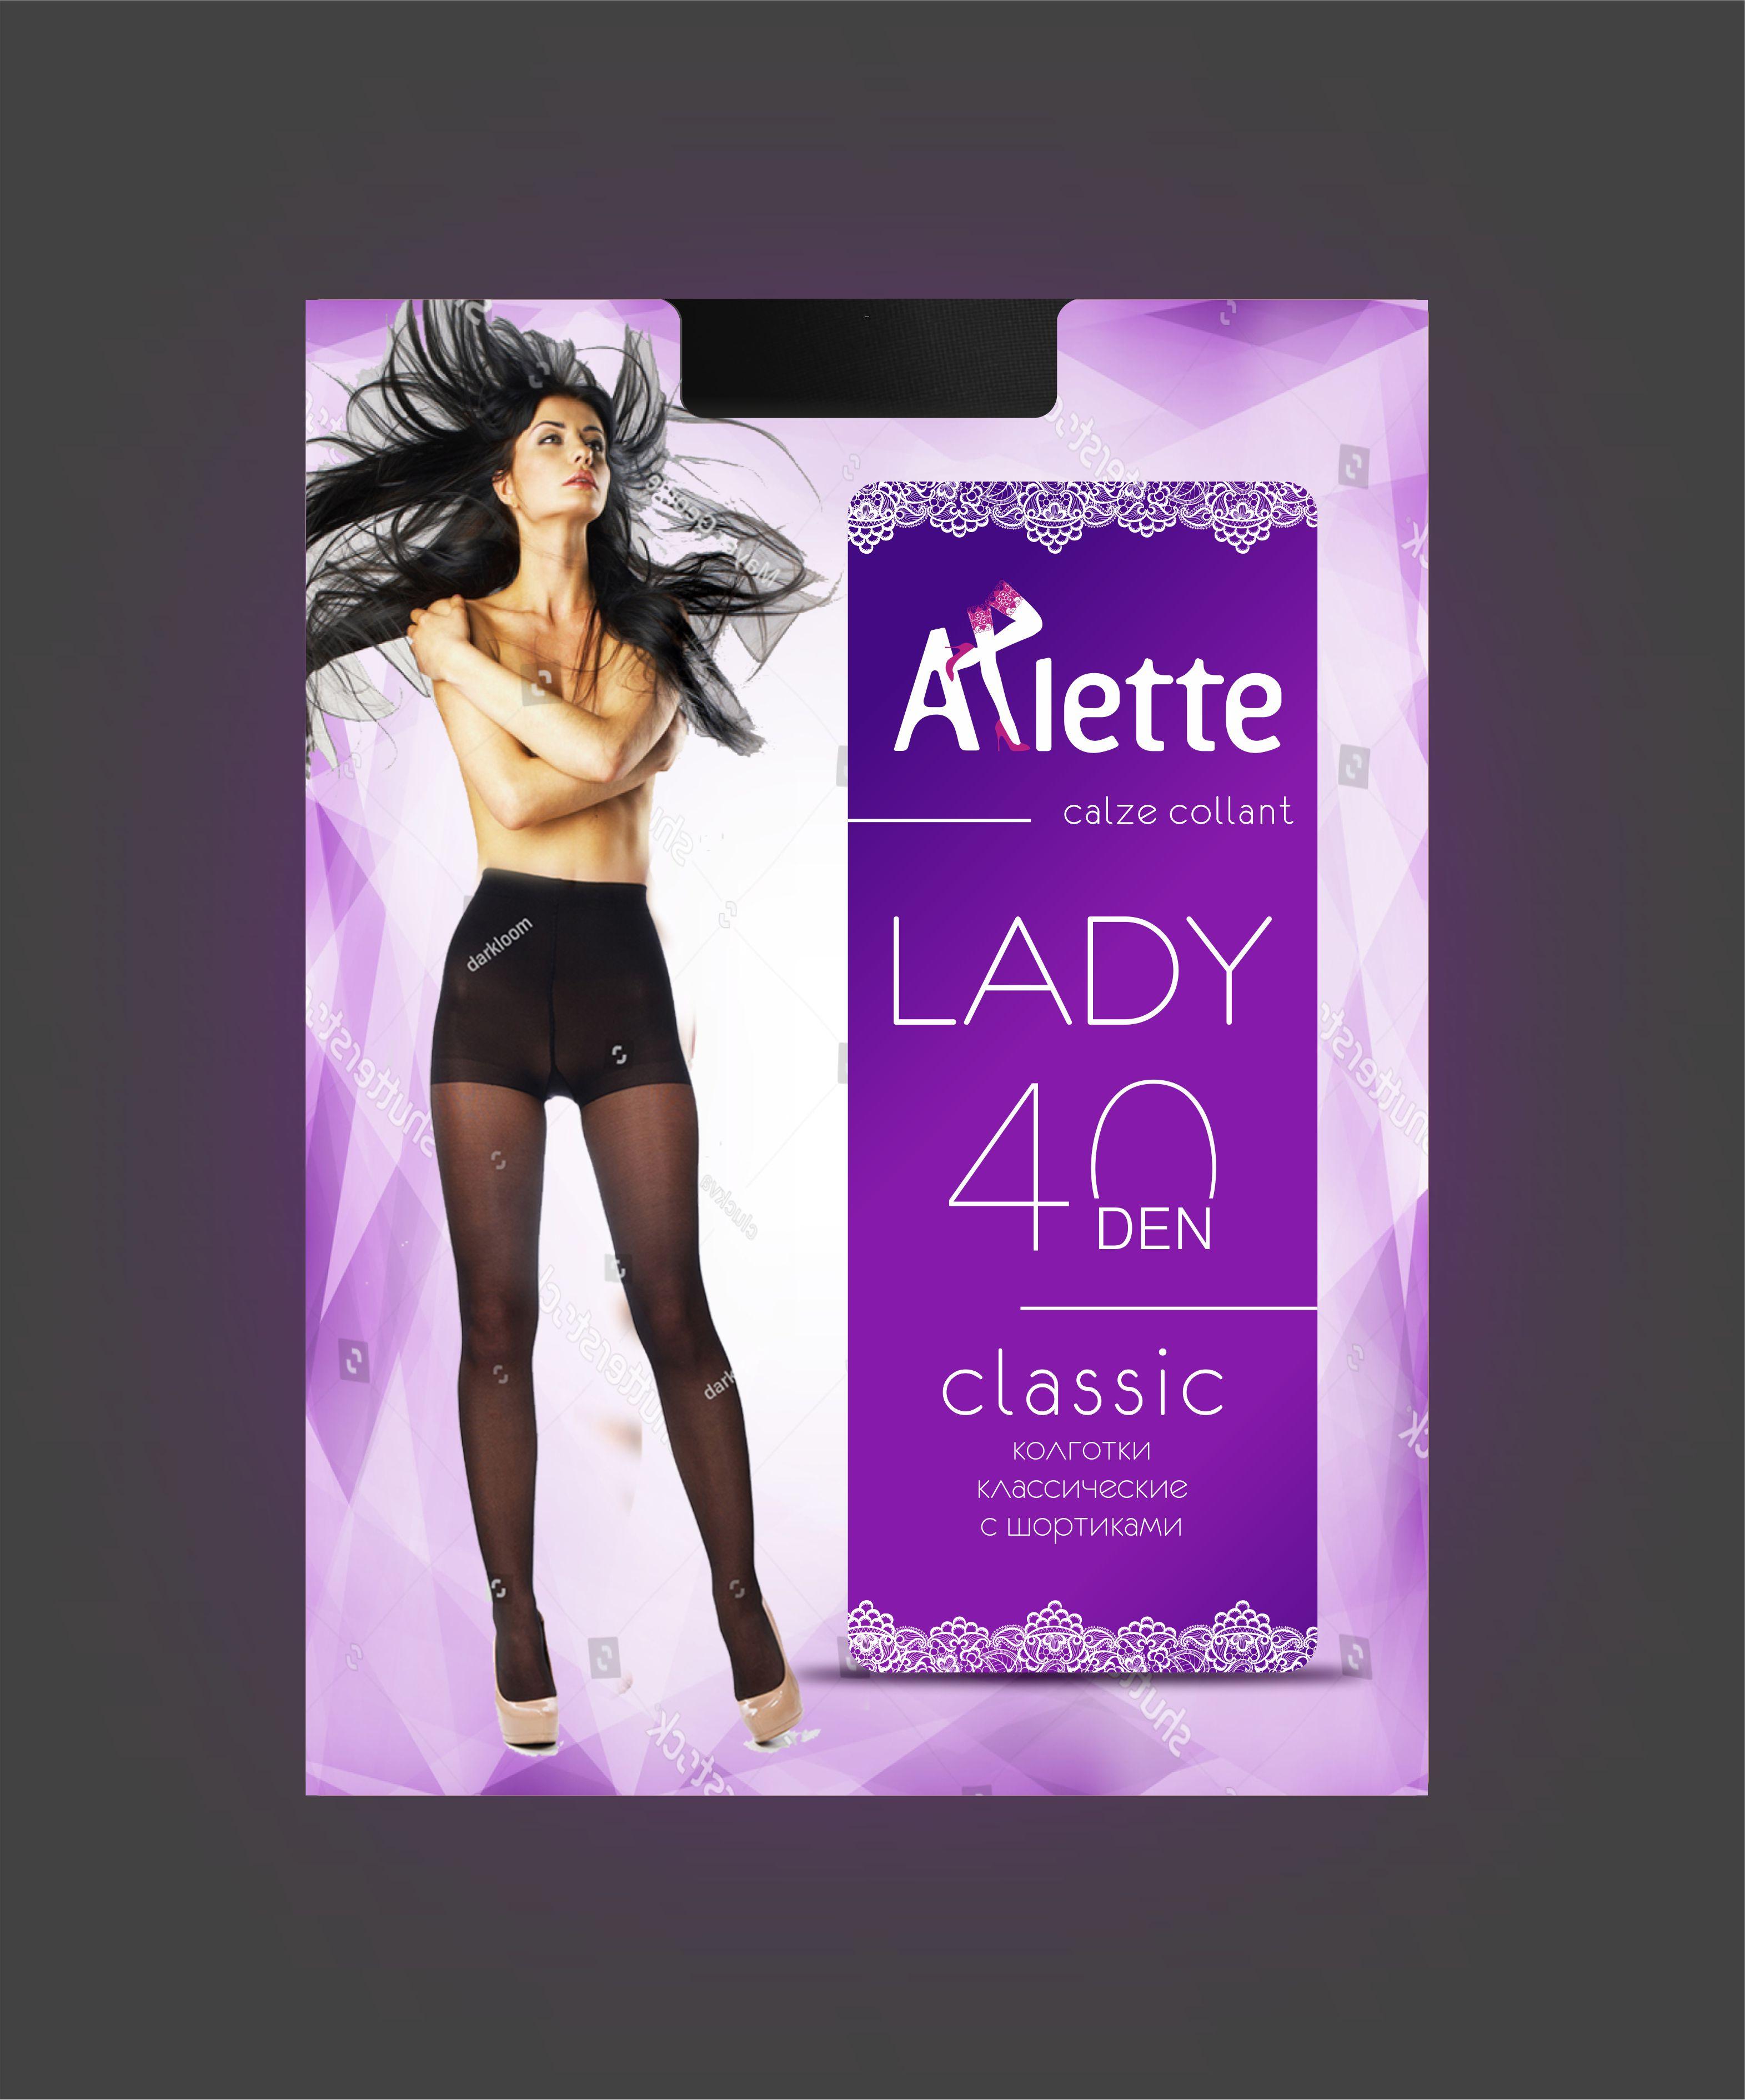 Дизайн упаковки женских колготок фото f_868599852f89c8fb.jpg